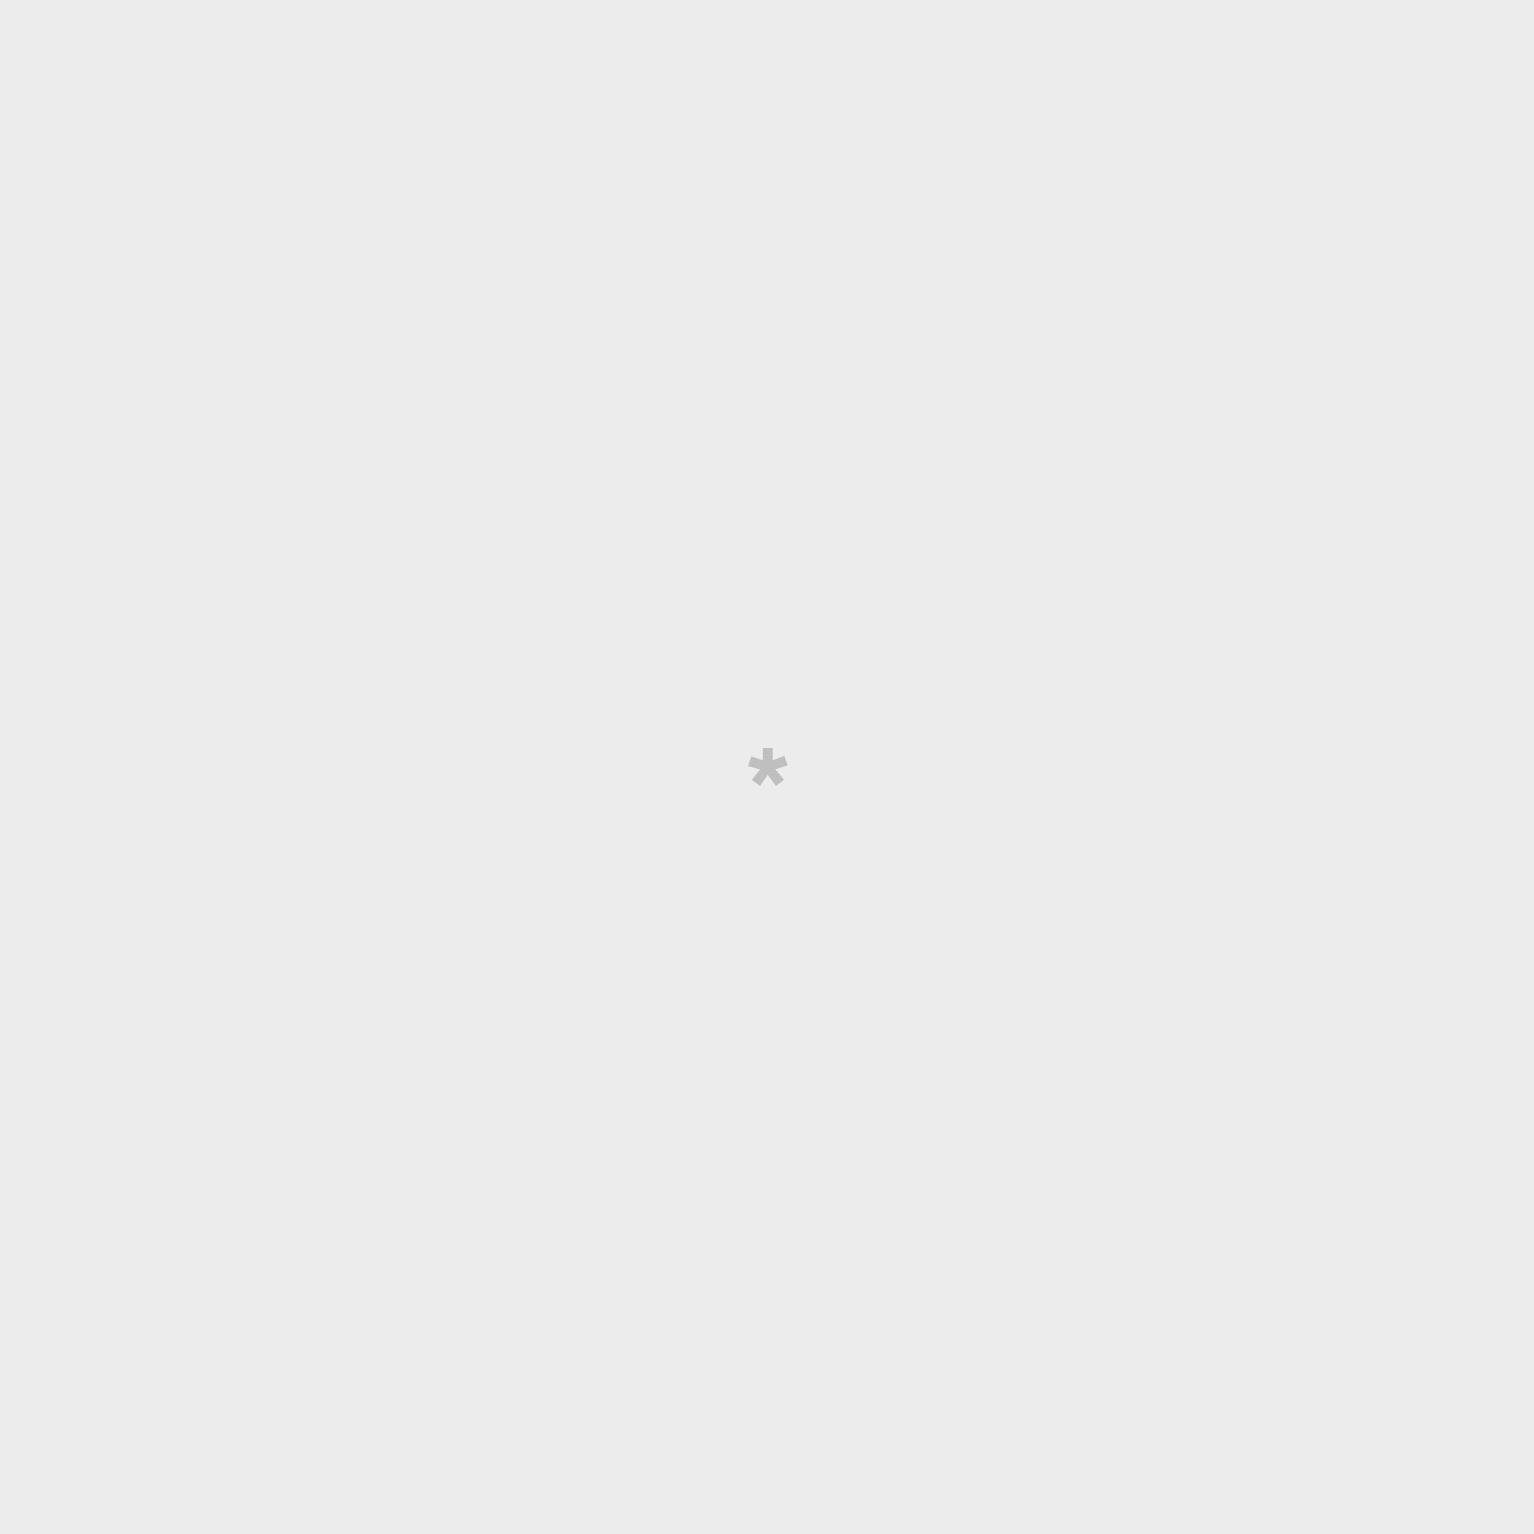 Bolsa porta alimentos - Aquí dentro hay energía de la buena